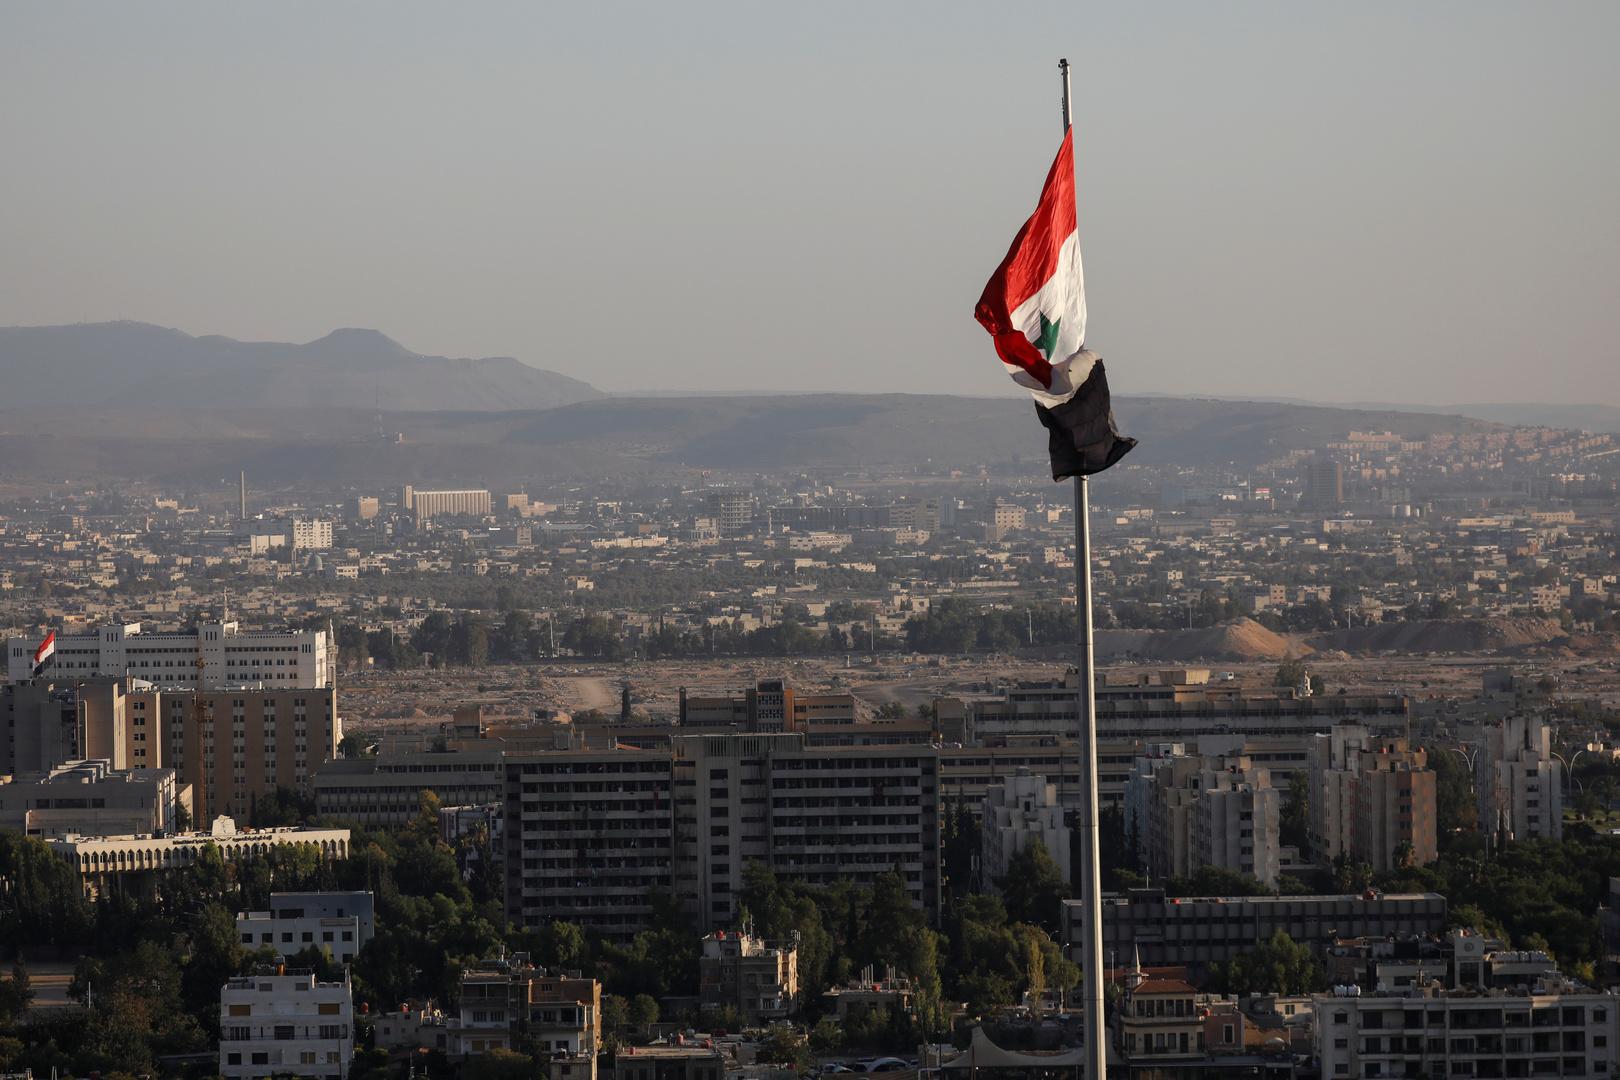 سوريا.. الجهات المختصة تضبط كمية كبيرة من المخدرات في ريف دمشق